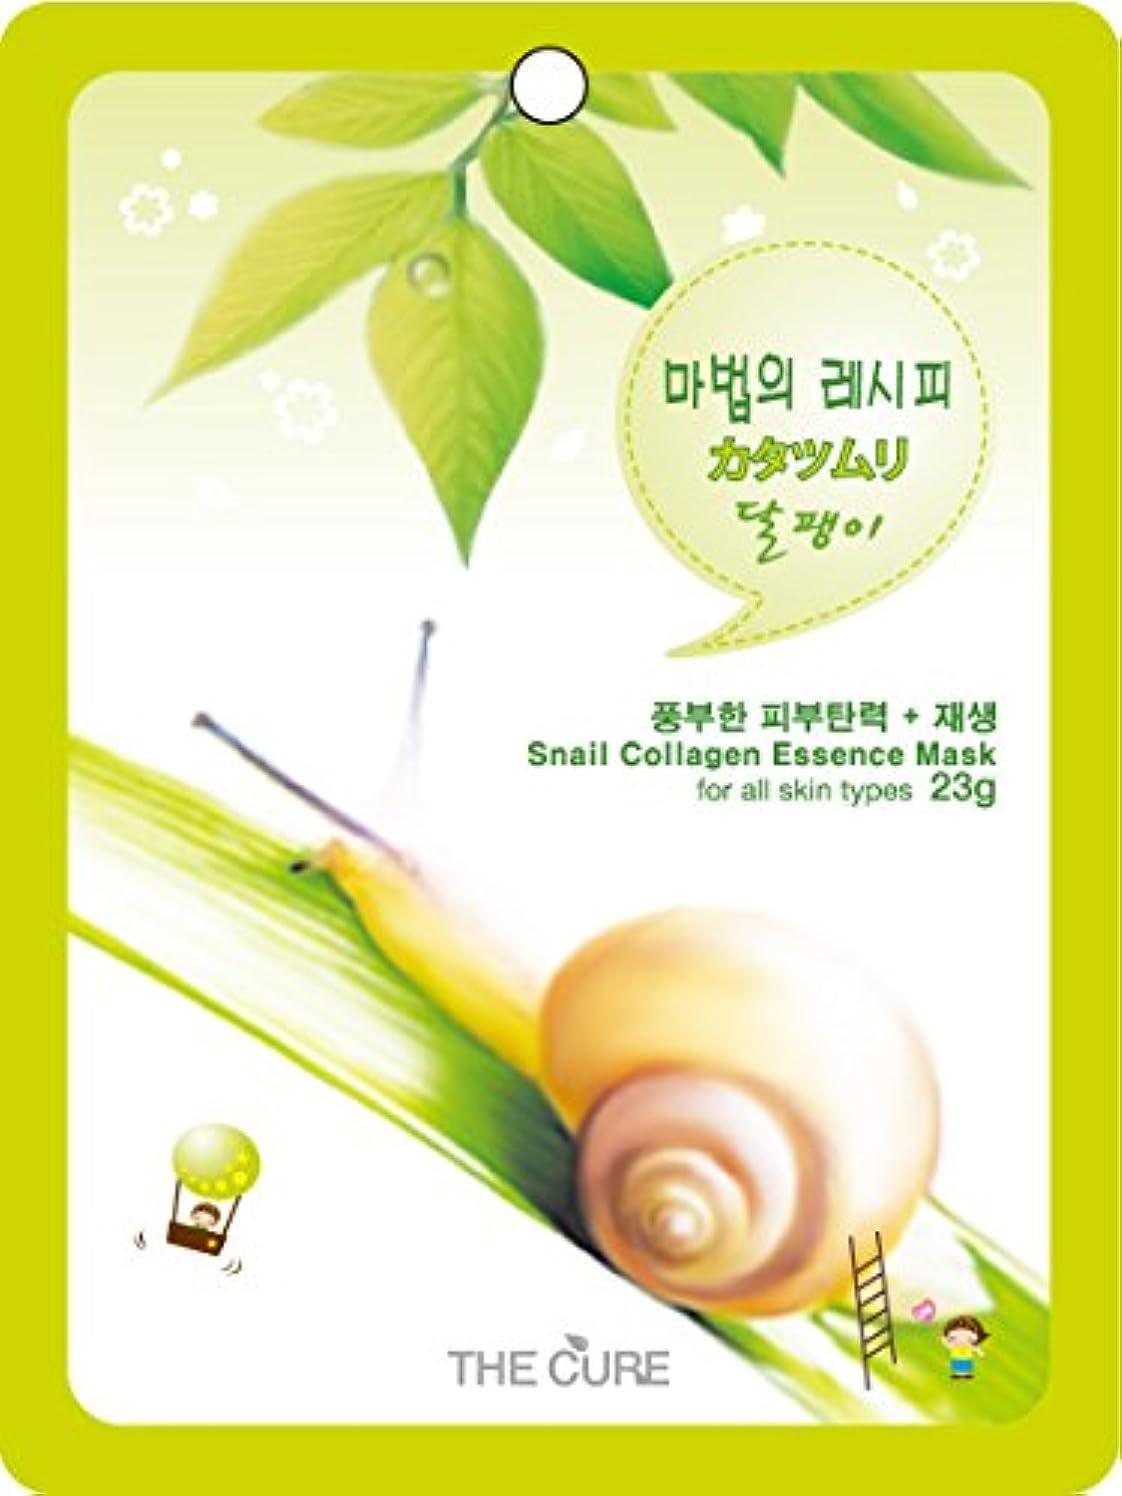 警告するしない絶対にカタツムリ コラーゲン エッセンス マスク THE CURE シート パック 100枚セット 韓国 コスメ 乾燥肌 オイリー肌 混合肌